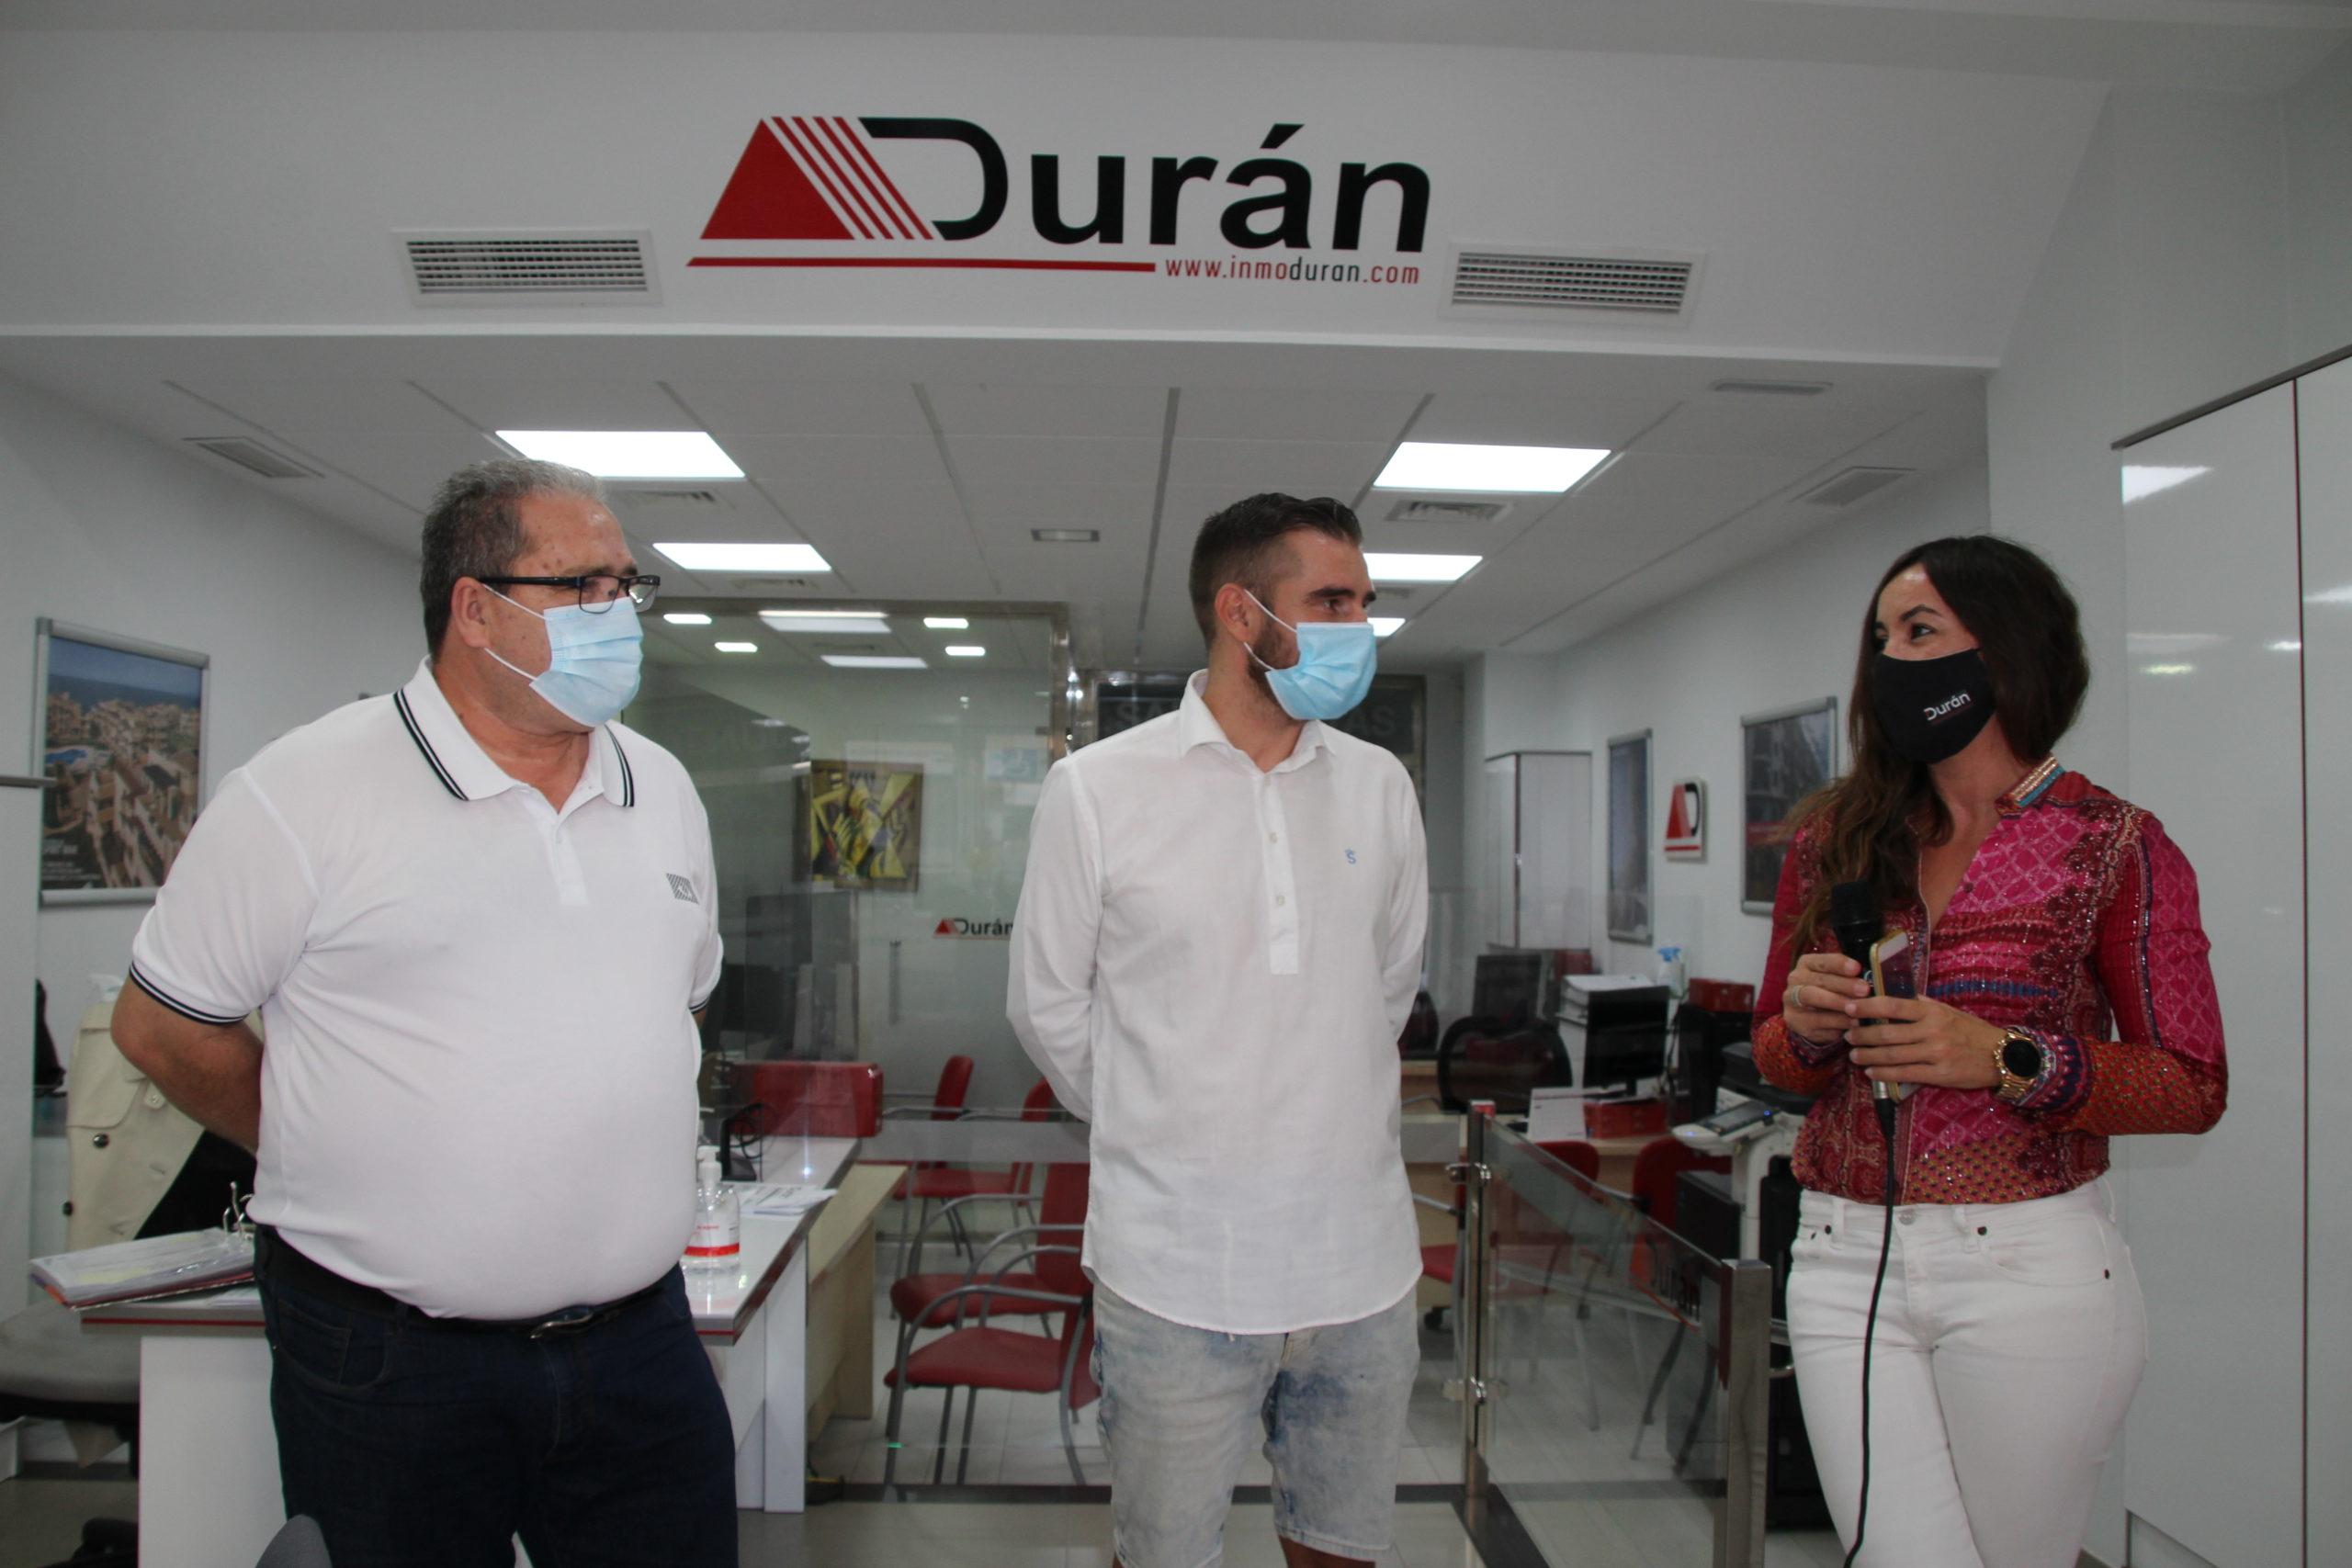 Inmobiliaria Durán patrocinará al CD El Ejido Futsal